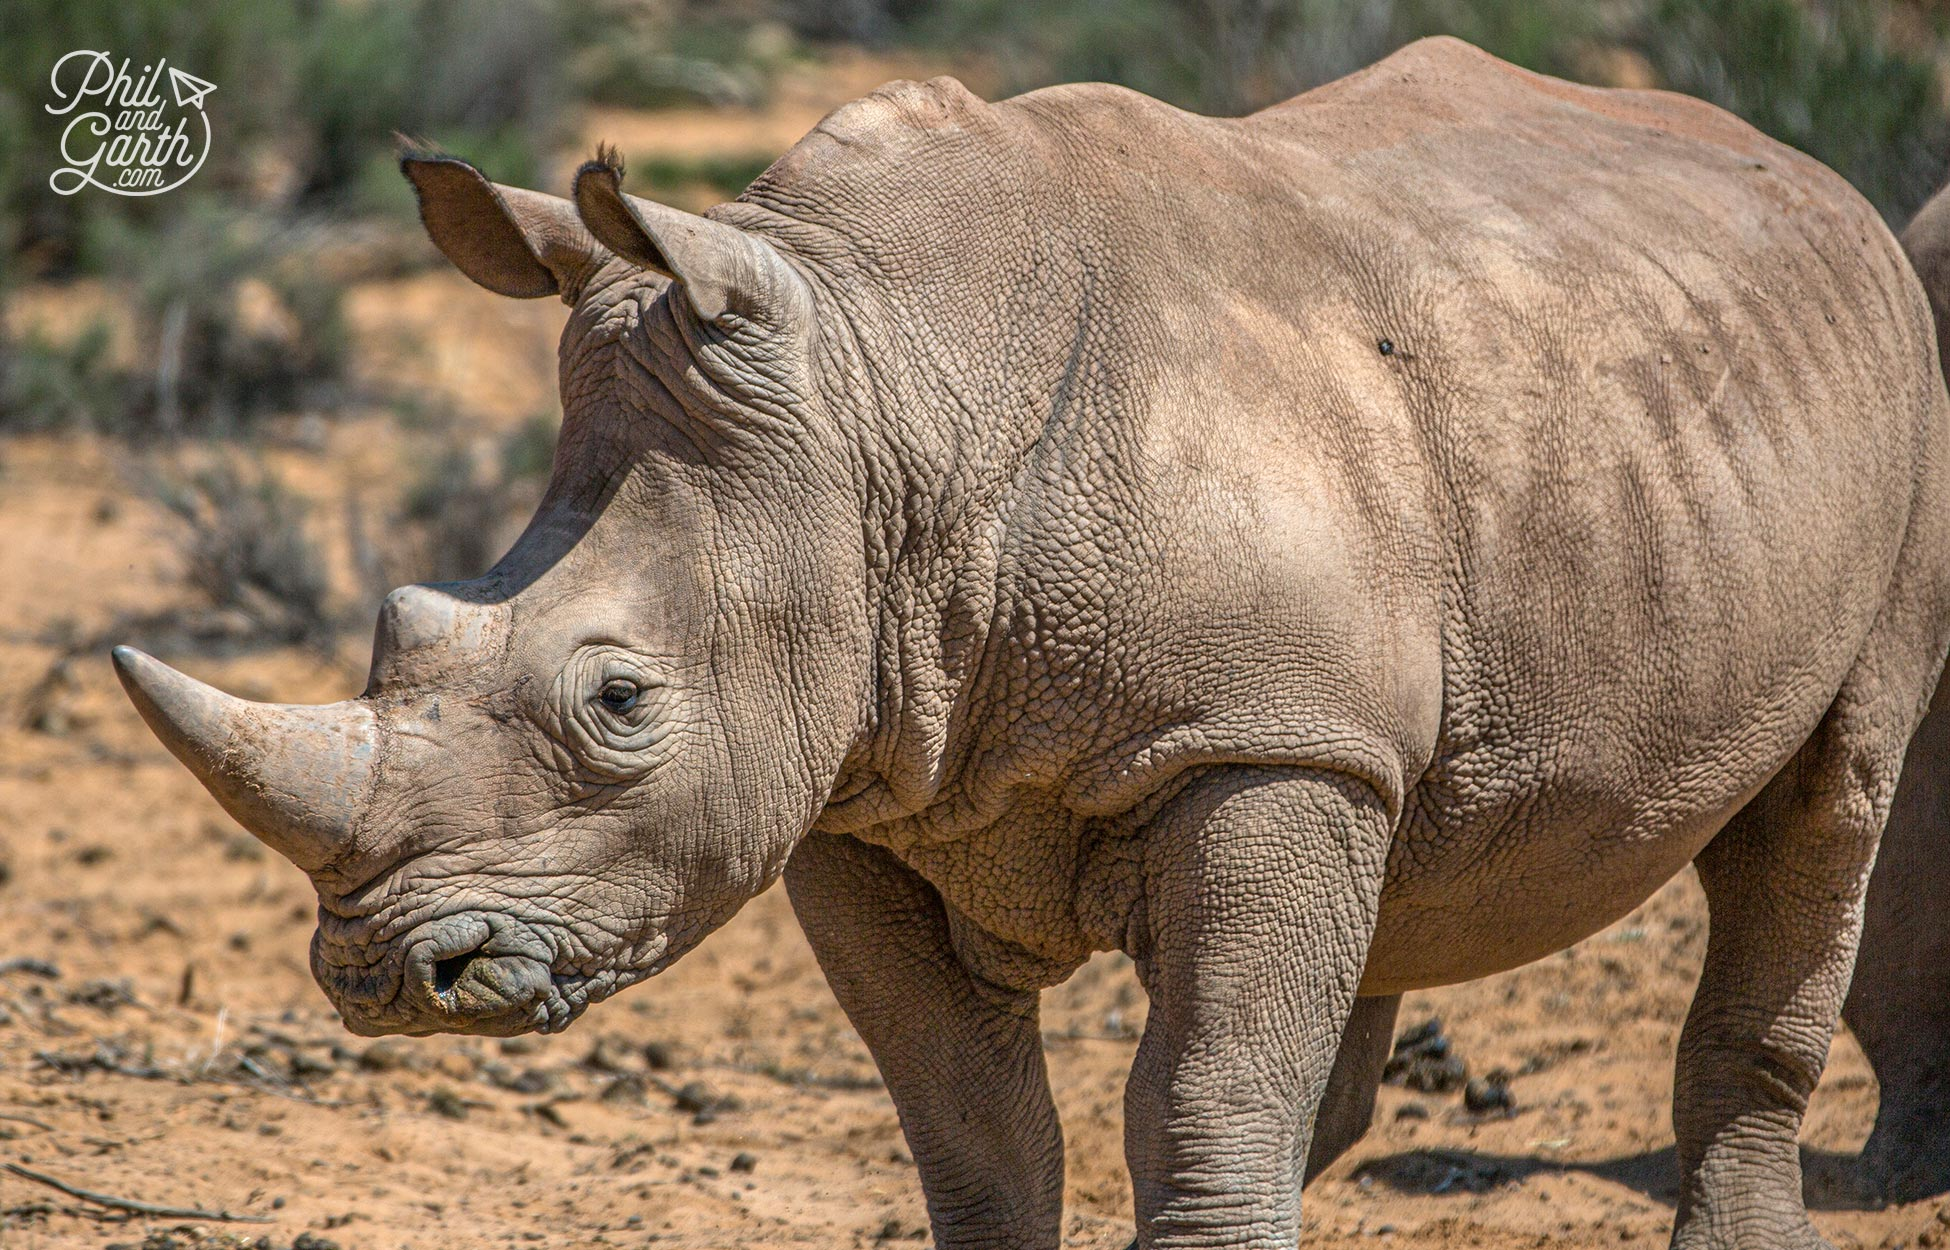 We got very close to this rhino